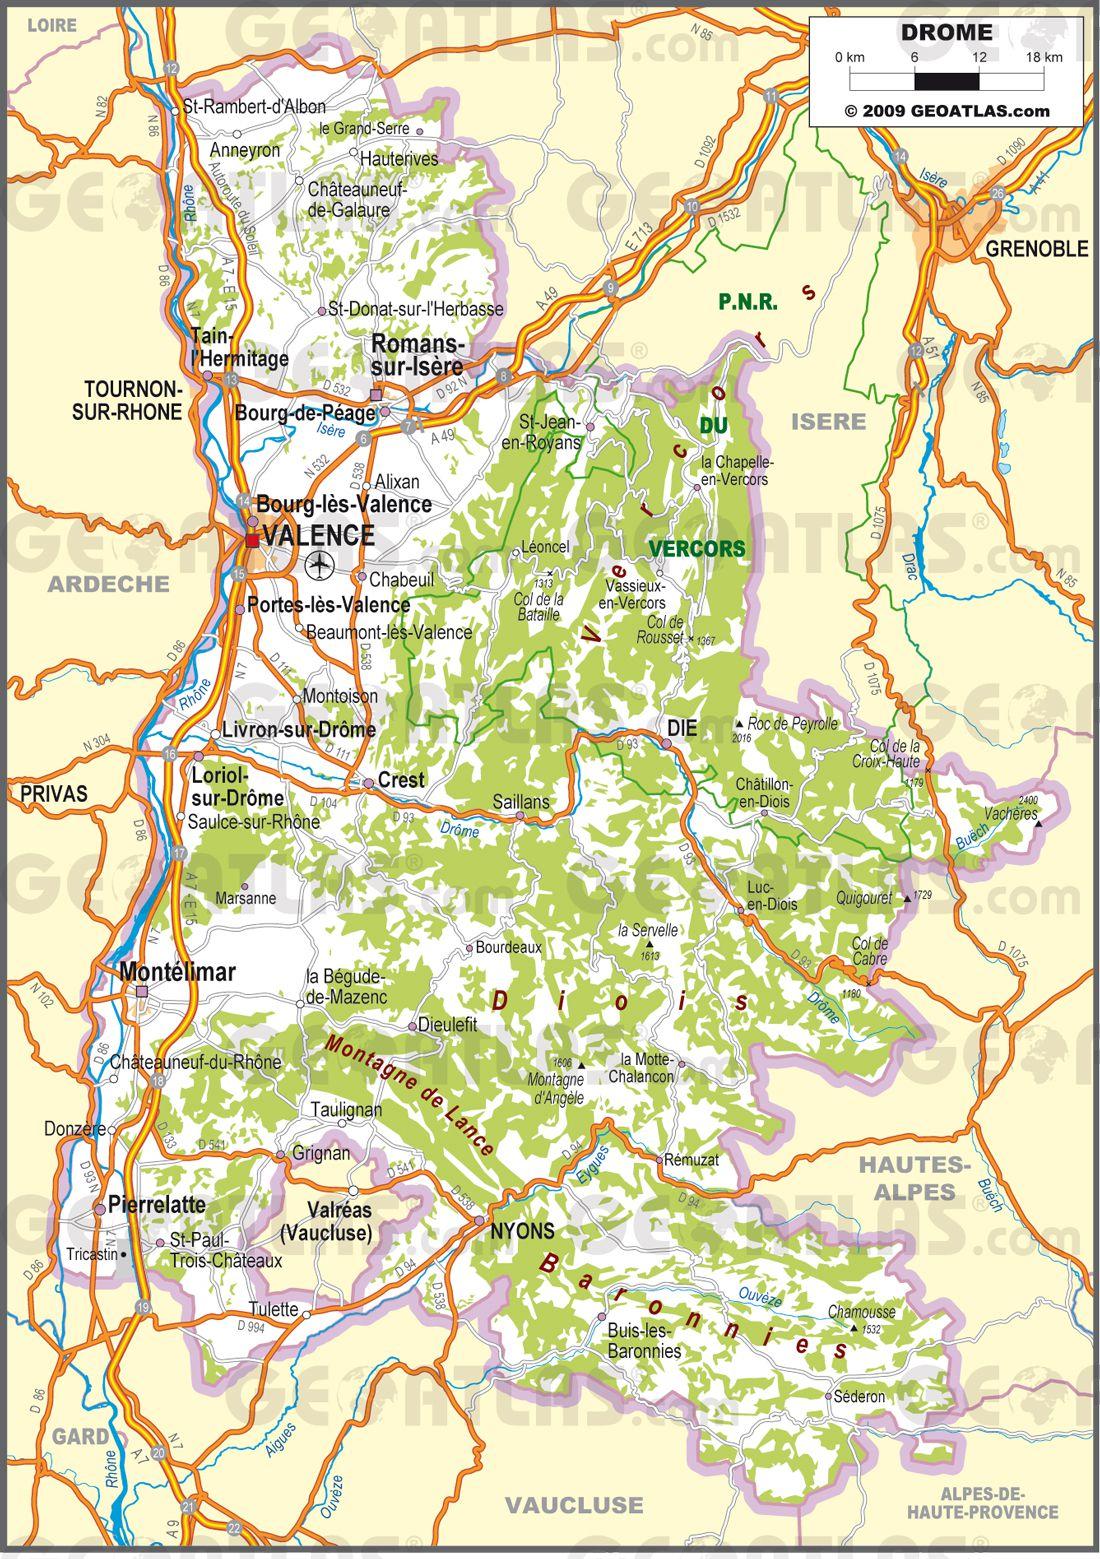 Plan Cul Gratuit Bourgogne (Dijon, Chalon-sur-Saône, Nevers)